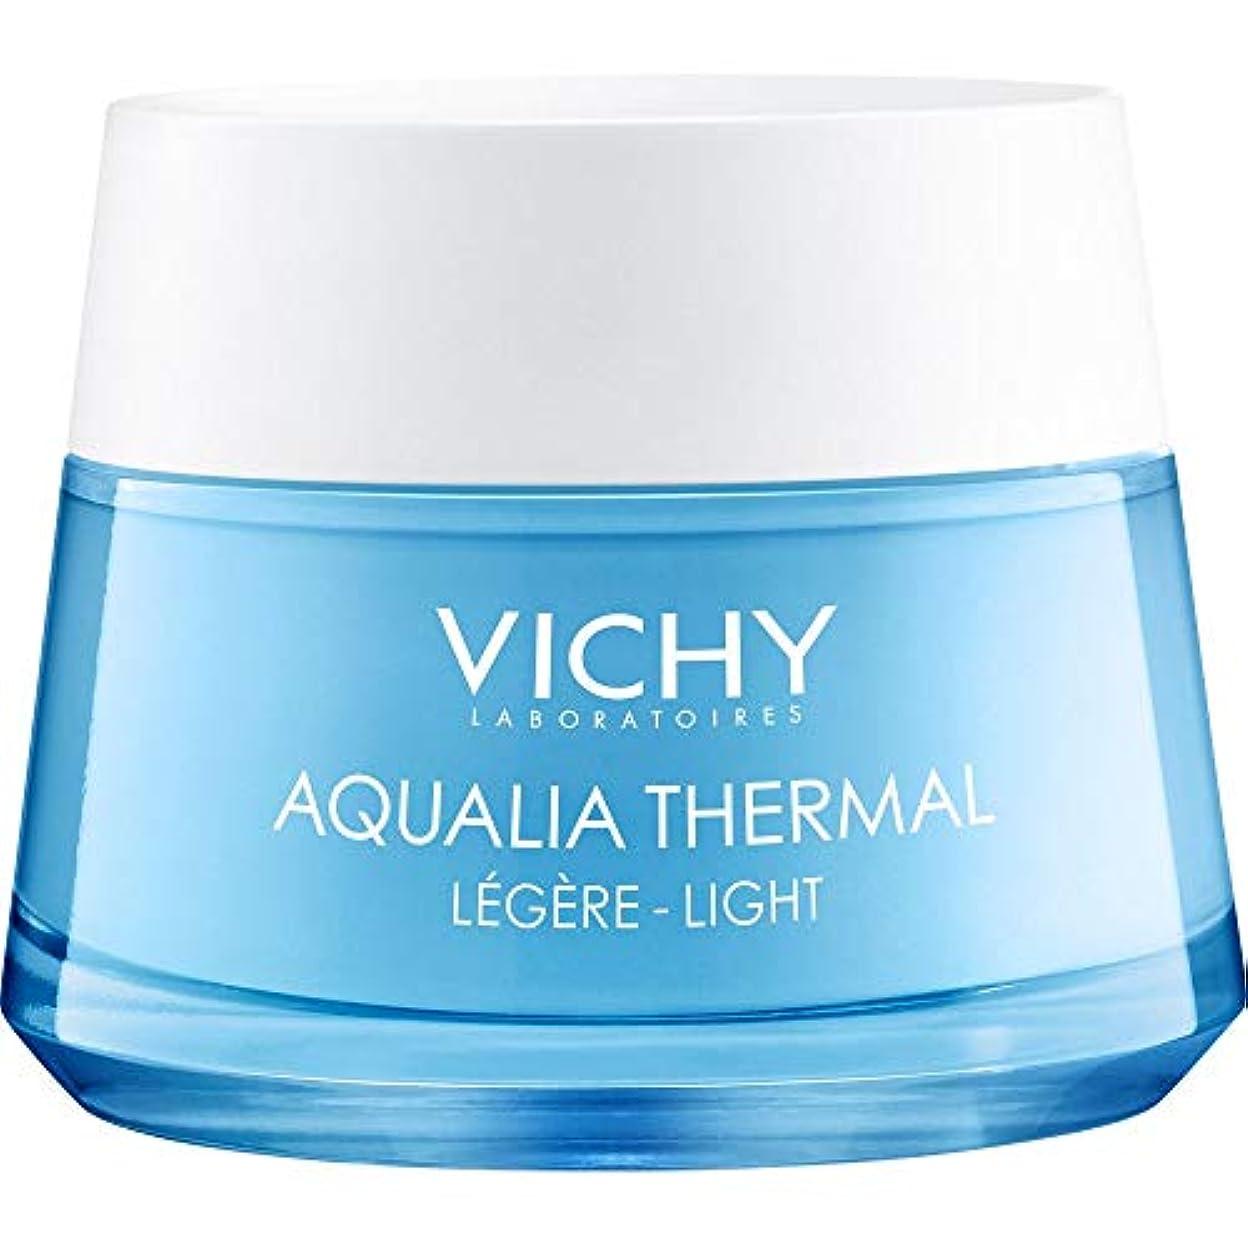 邪魔するフルーティー気取らない[Vichy] 熱再水和の光クリームAqualiaヴィシー - 正常な皮膚の50ミリリットル - Vichy Aqualia Thermal Rehydrating Light Cream - Normal Skin 50ml...